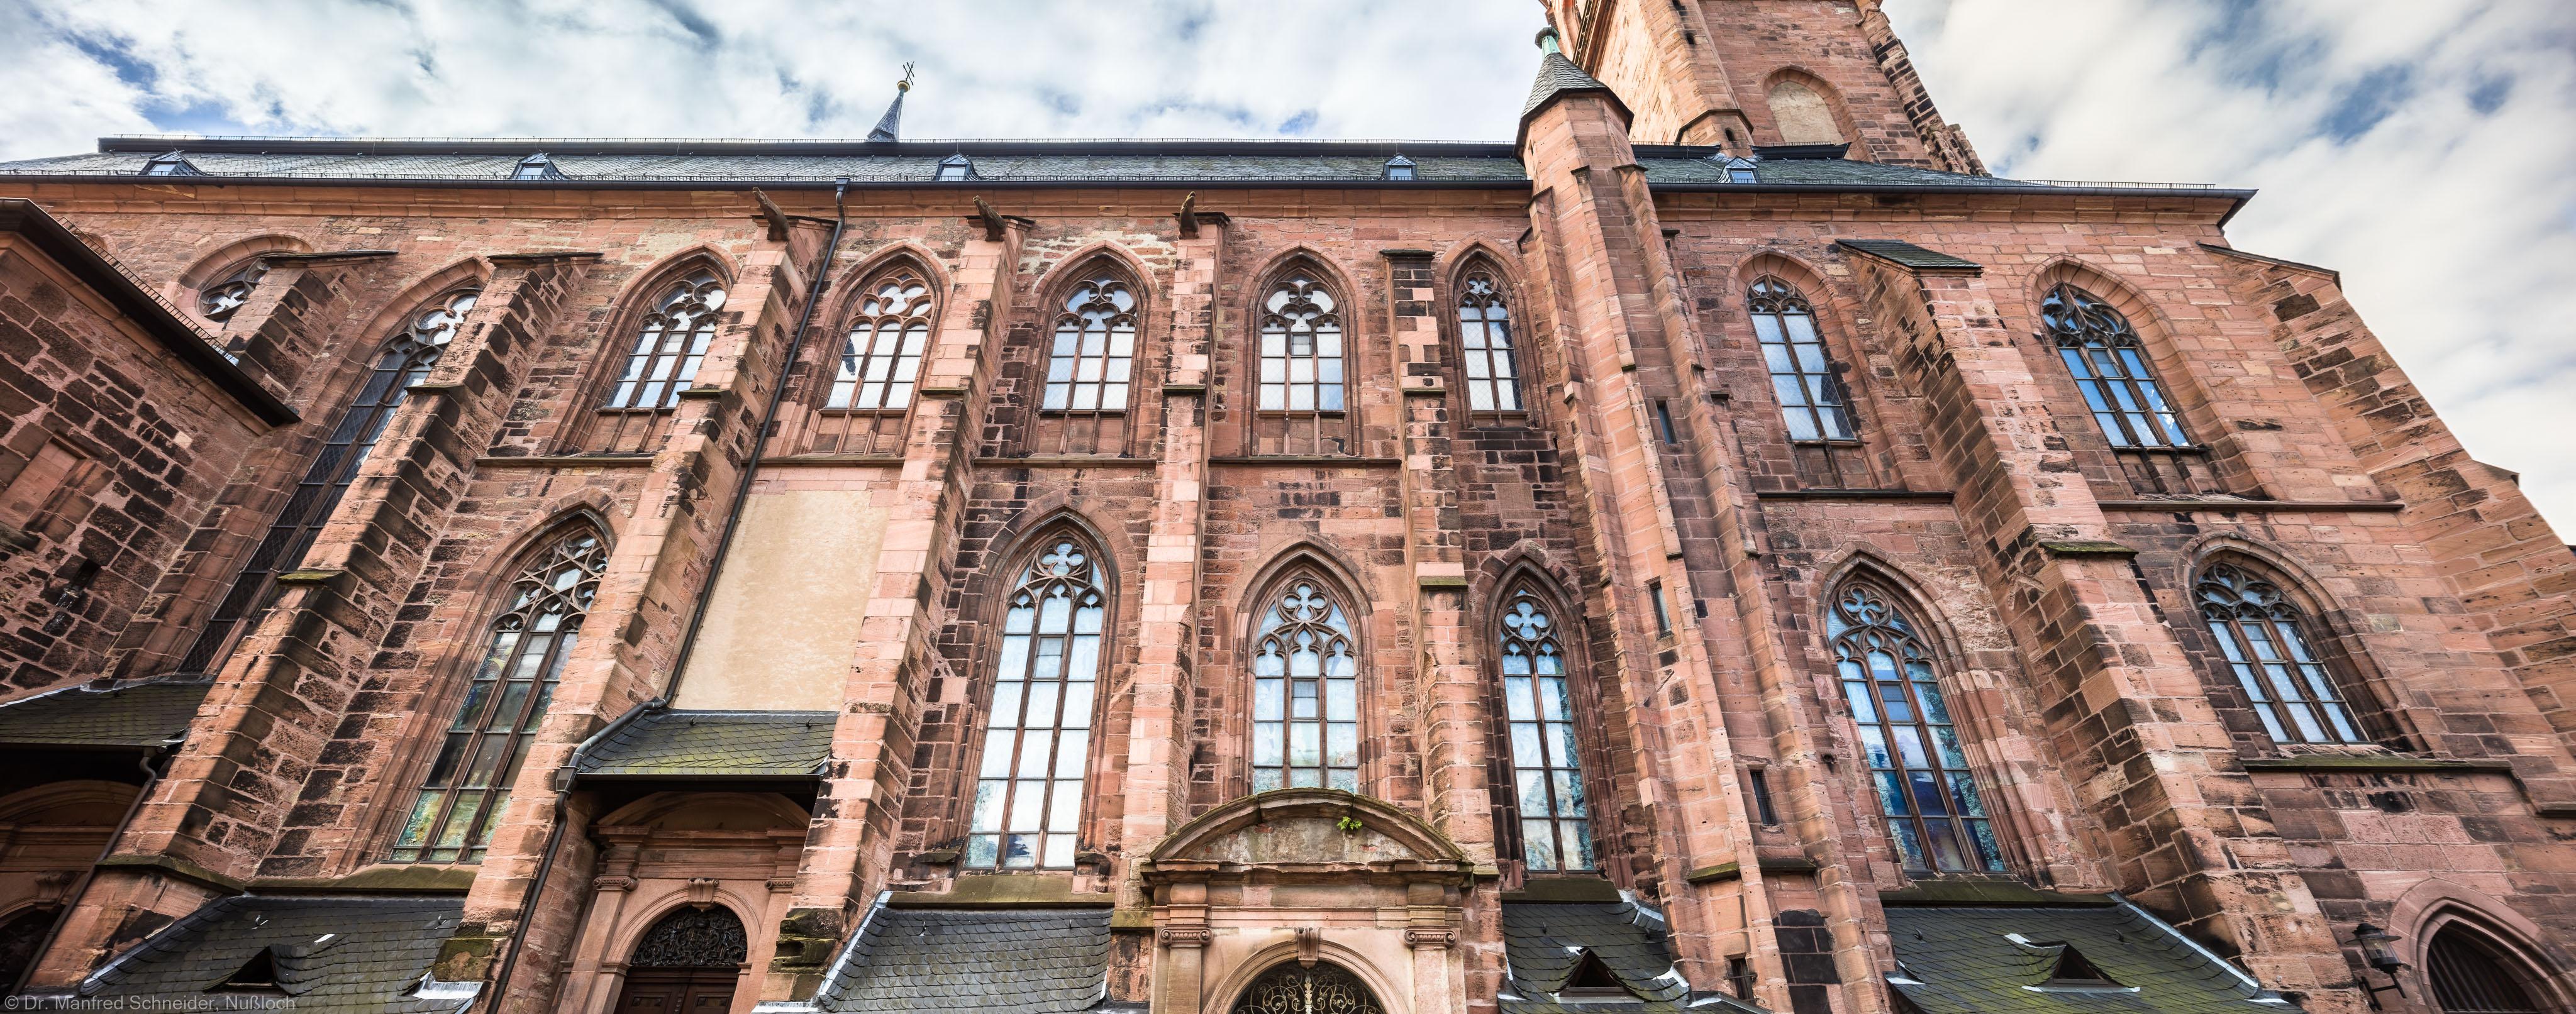 Heidelberg - Heiliggeistkirche - Aussen / Nord - Blick nach oben auf die Nordfassade (aufgenommen im Oktober 2015, am späten Vormittag)